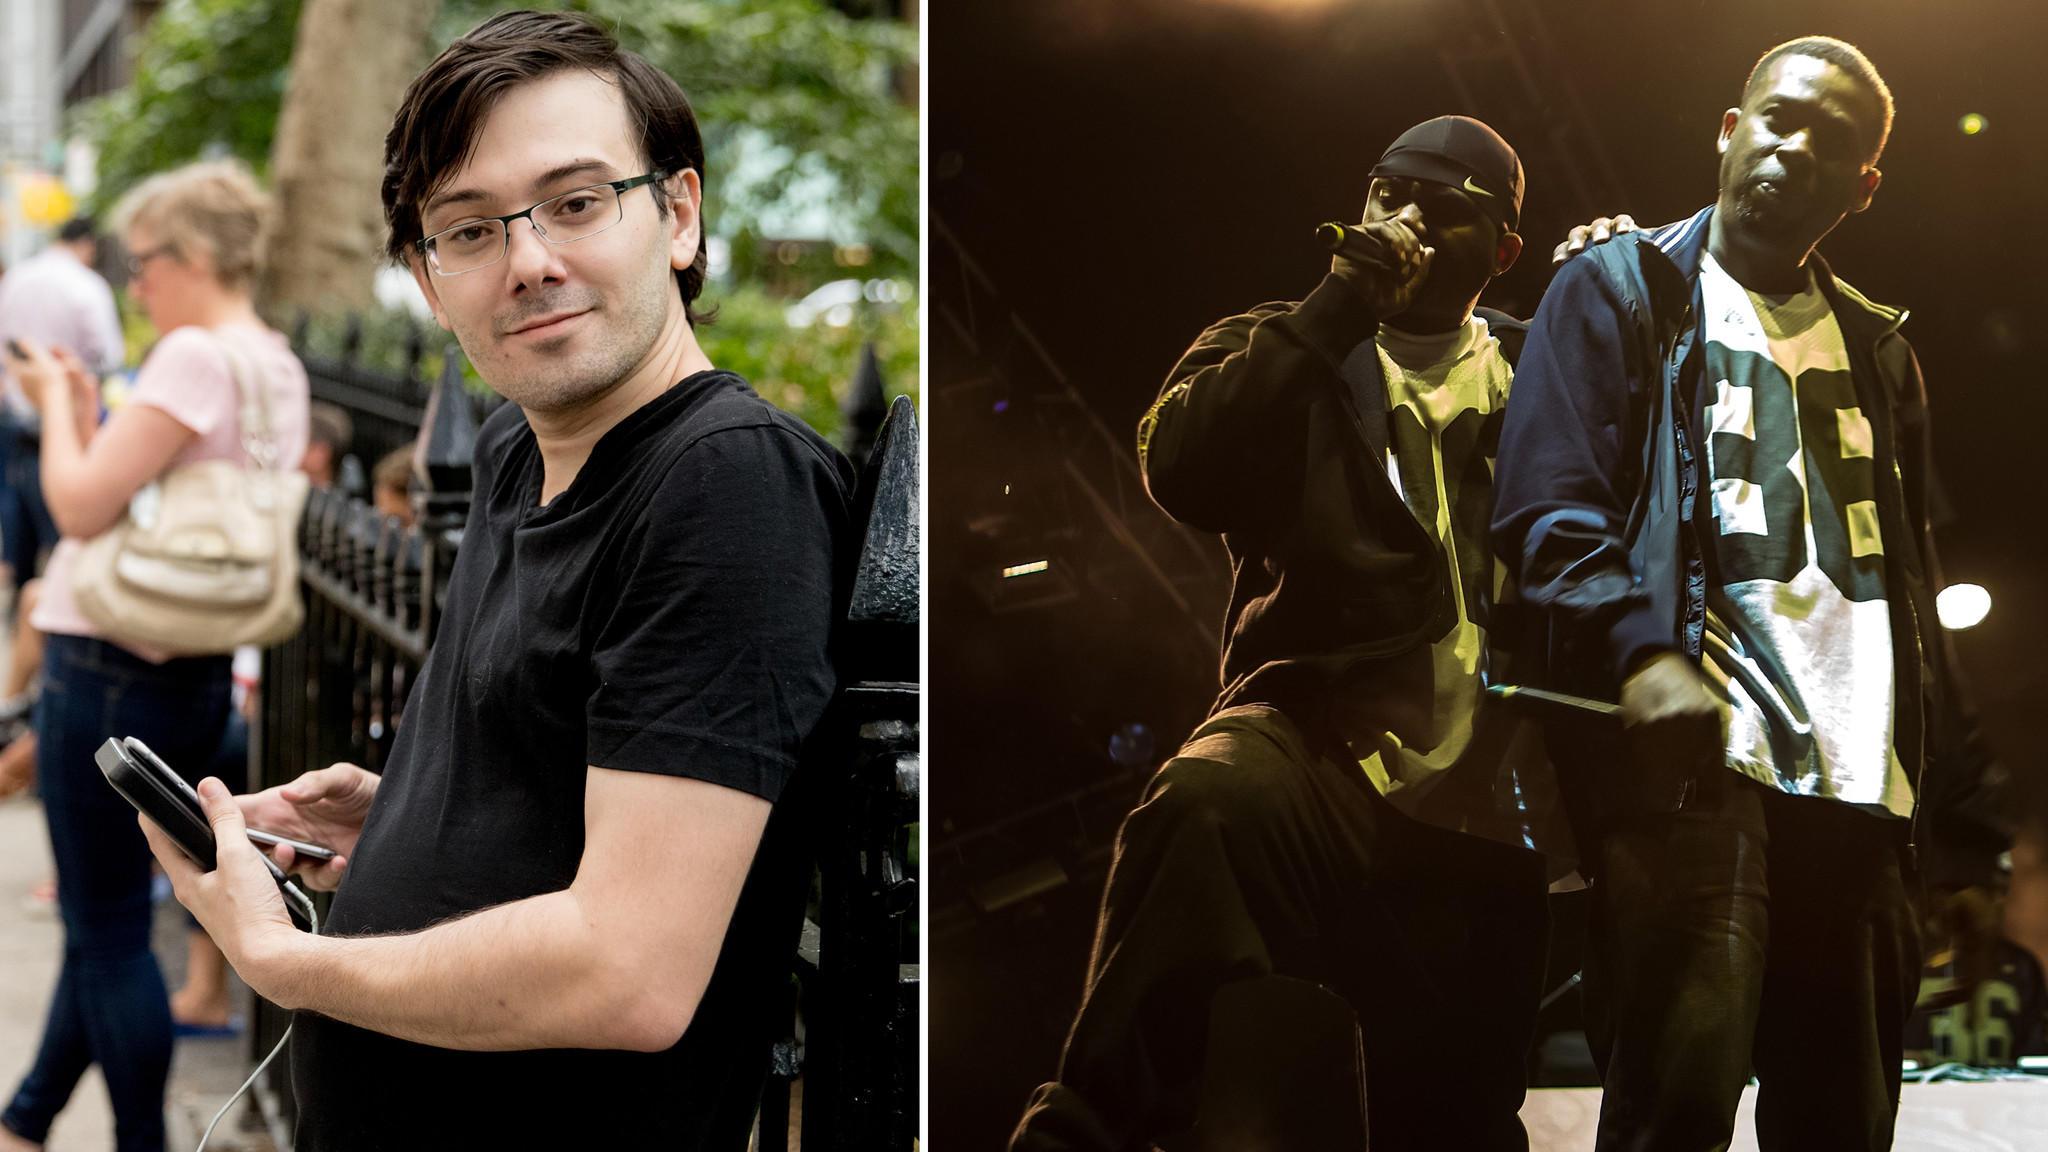 Martin Shkreli, left, and the Wu-Tang Clan. (Andrew Harnik / Associated Press; Suzi Pratt / FilmMagic)